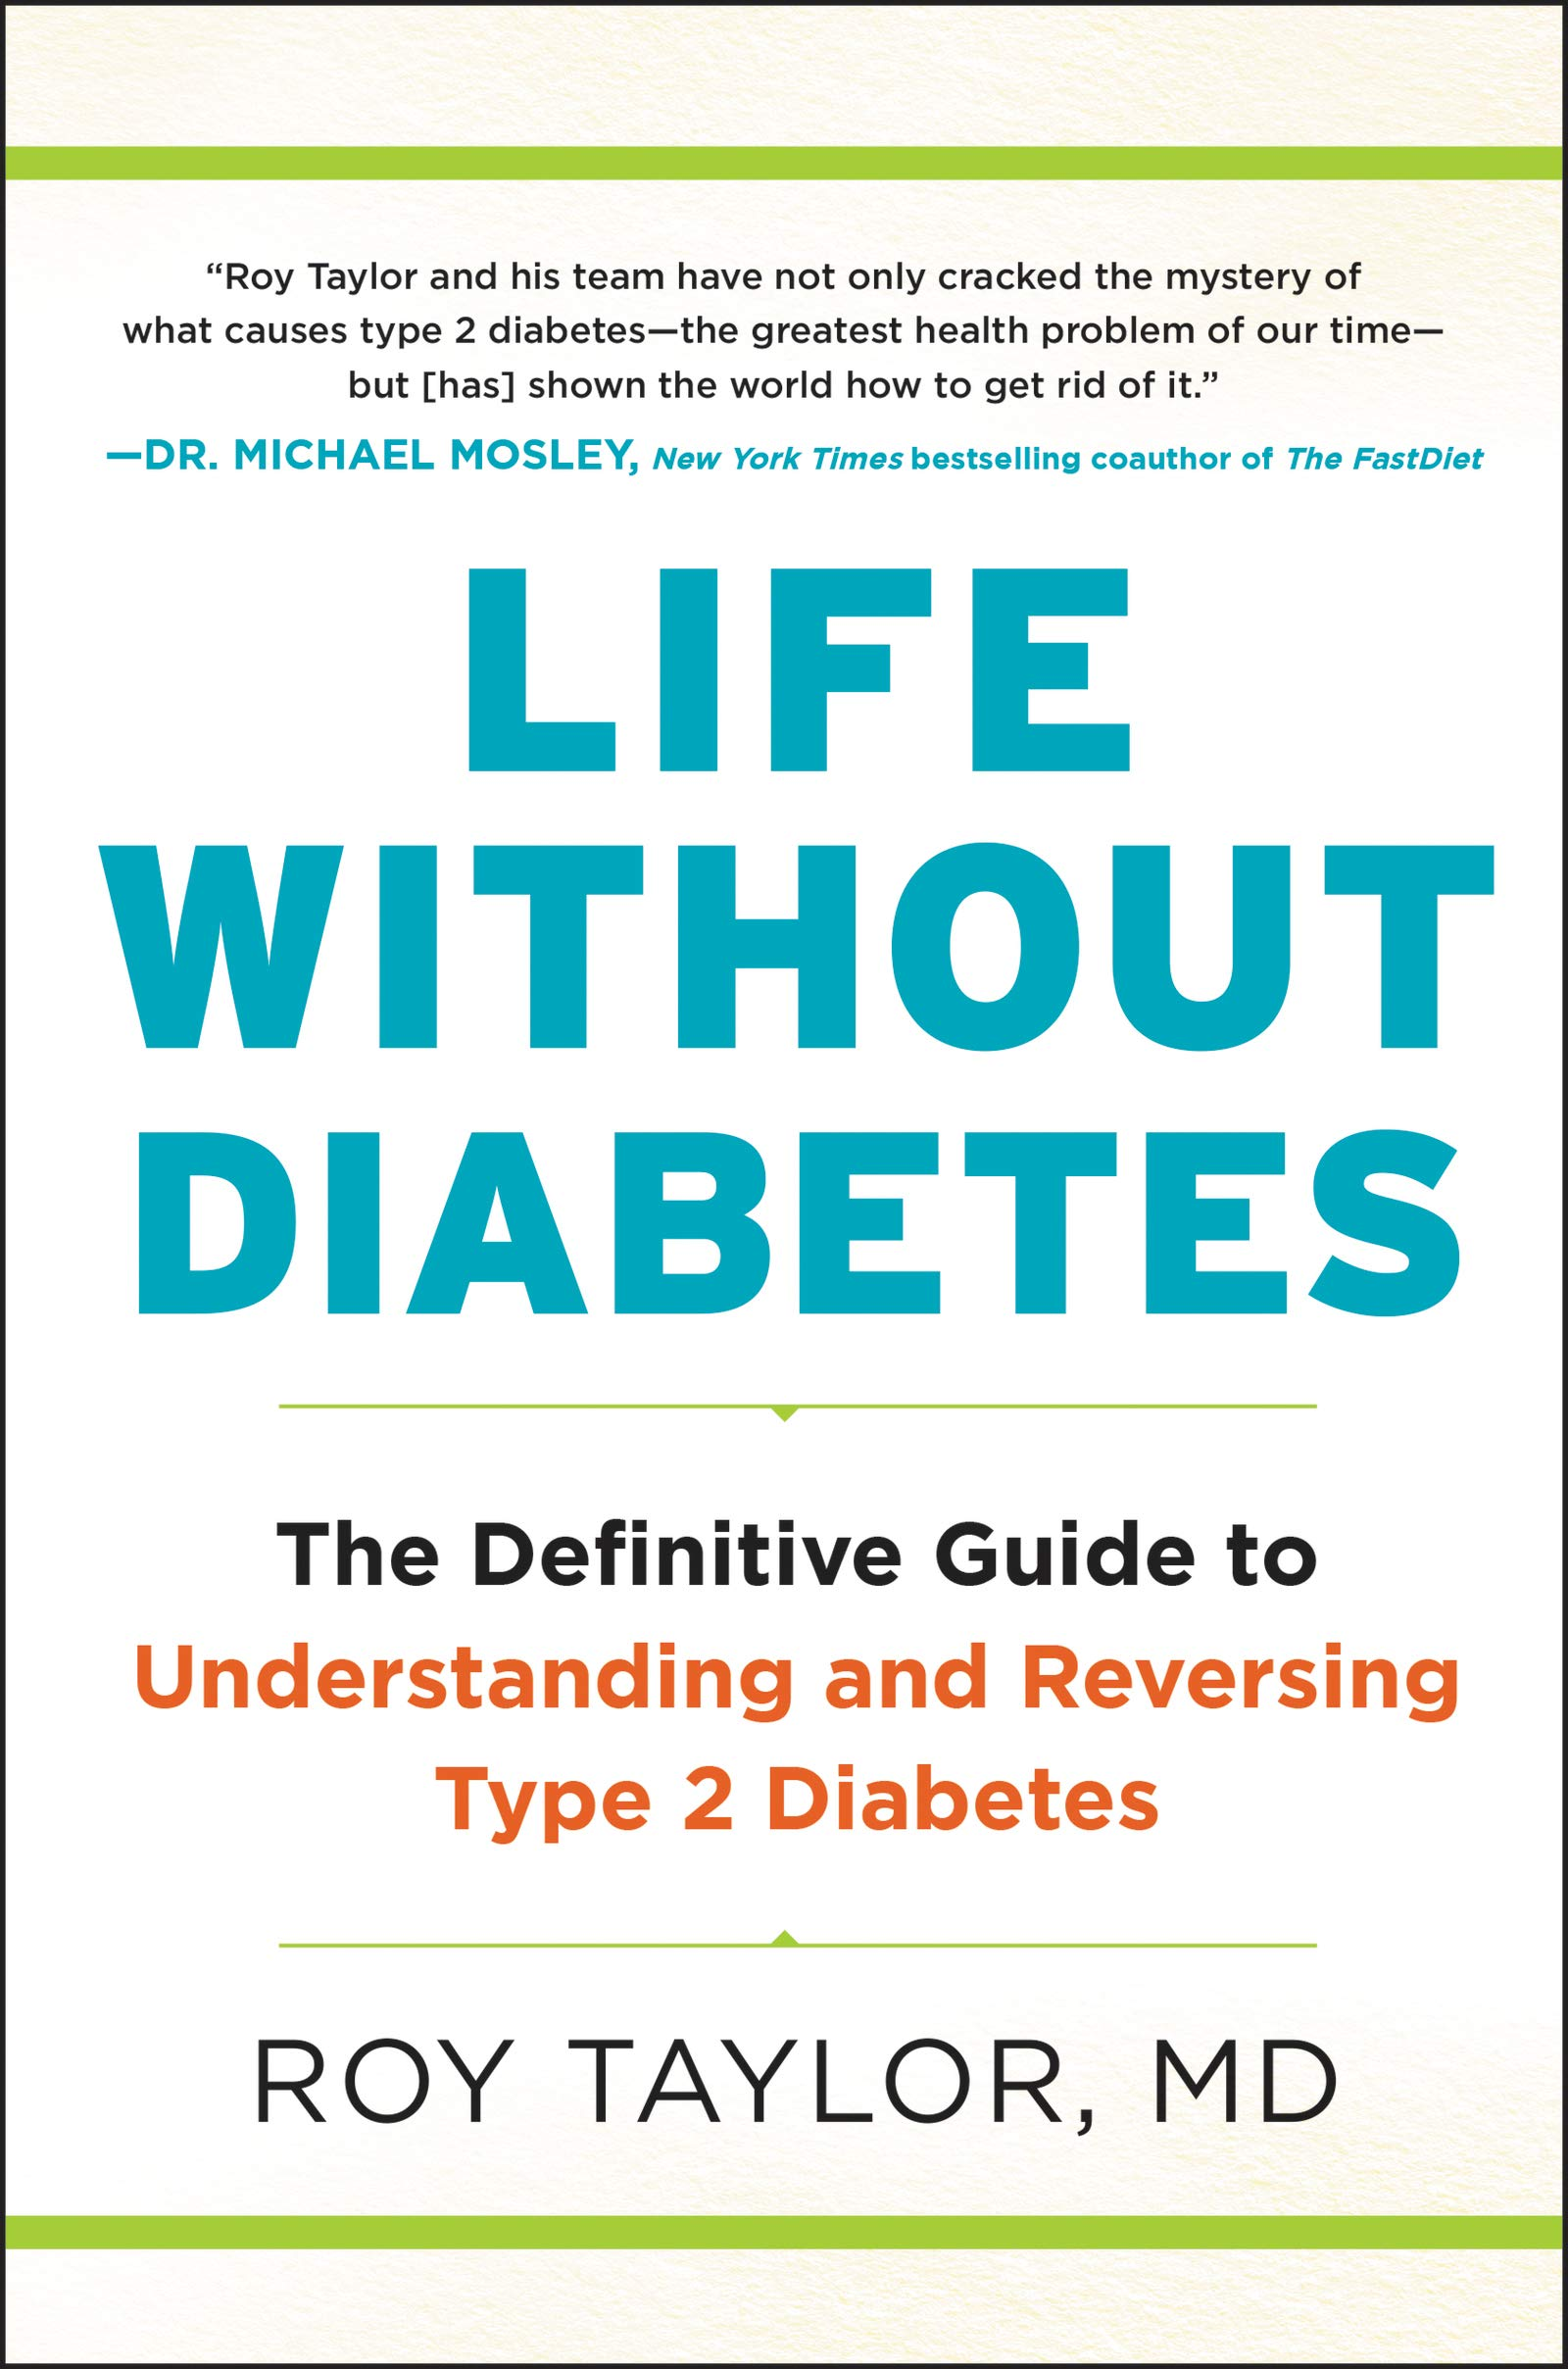 diabetes icd 9 codes 2020 películas